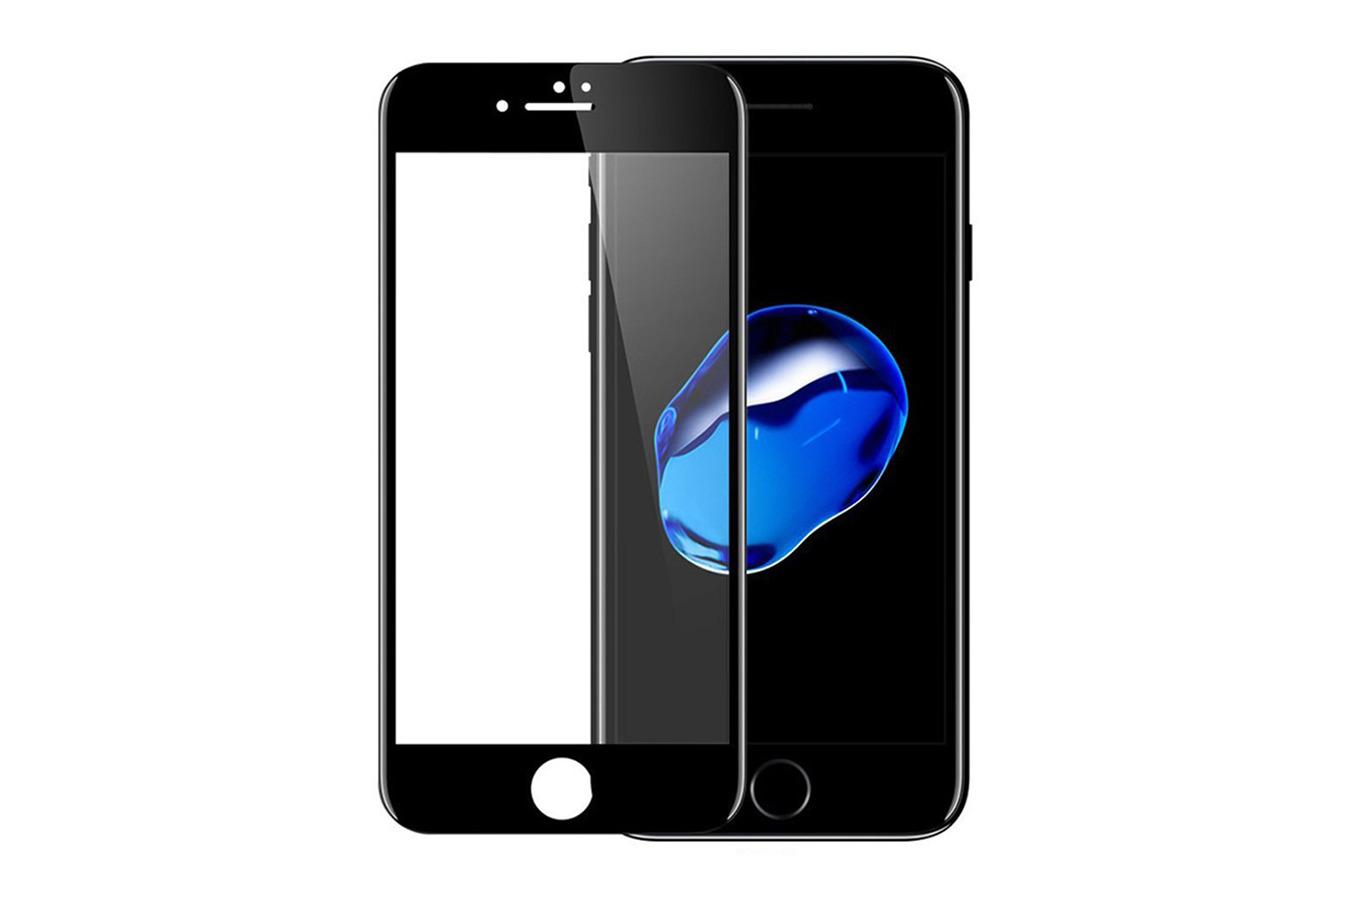 Защитная плёнка 3M для Apple iPhone 6/6S/7 цены